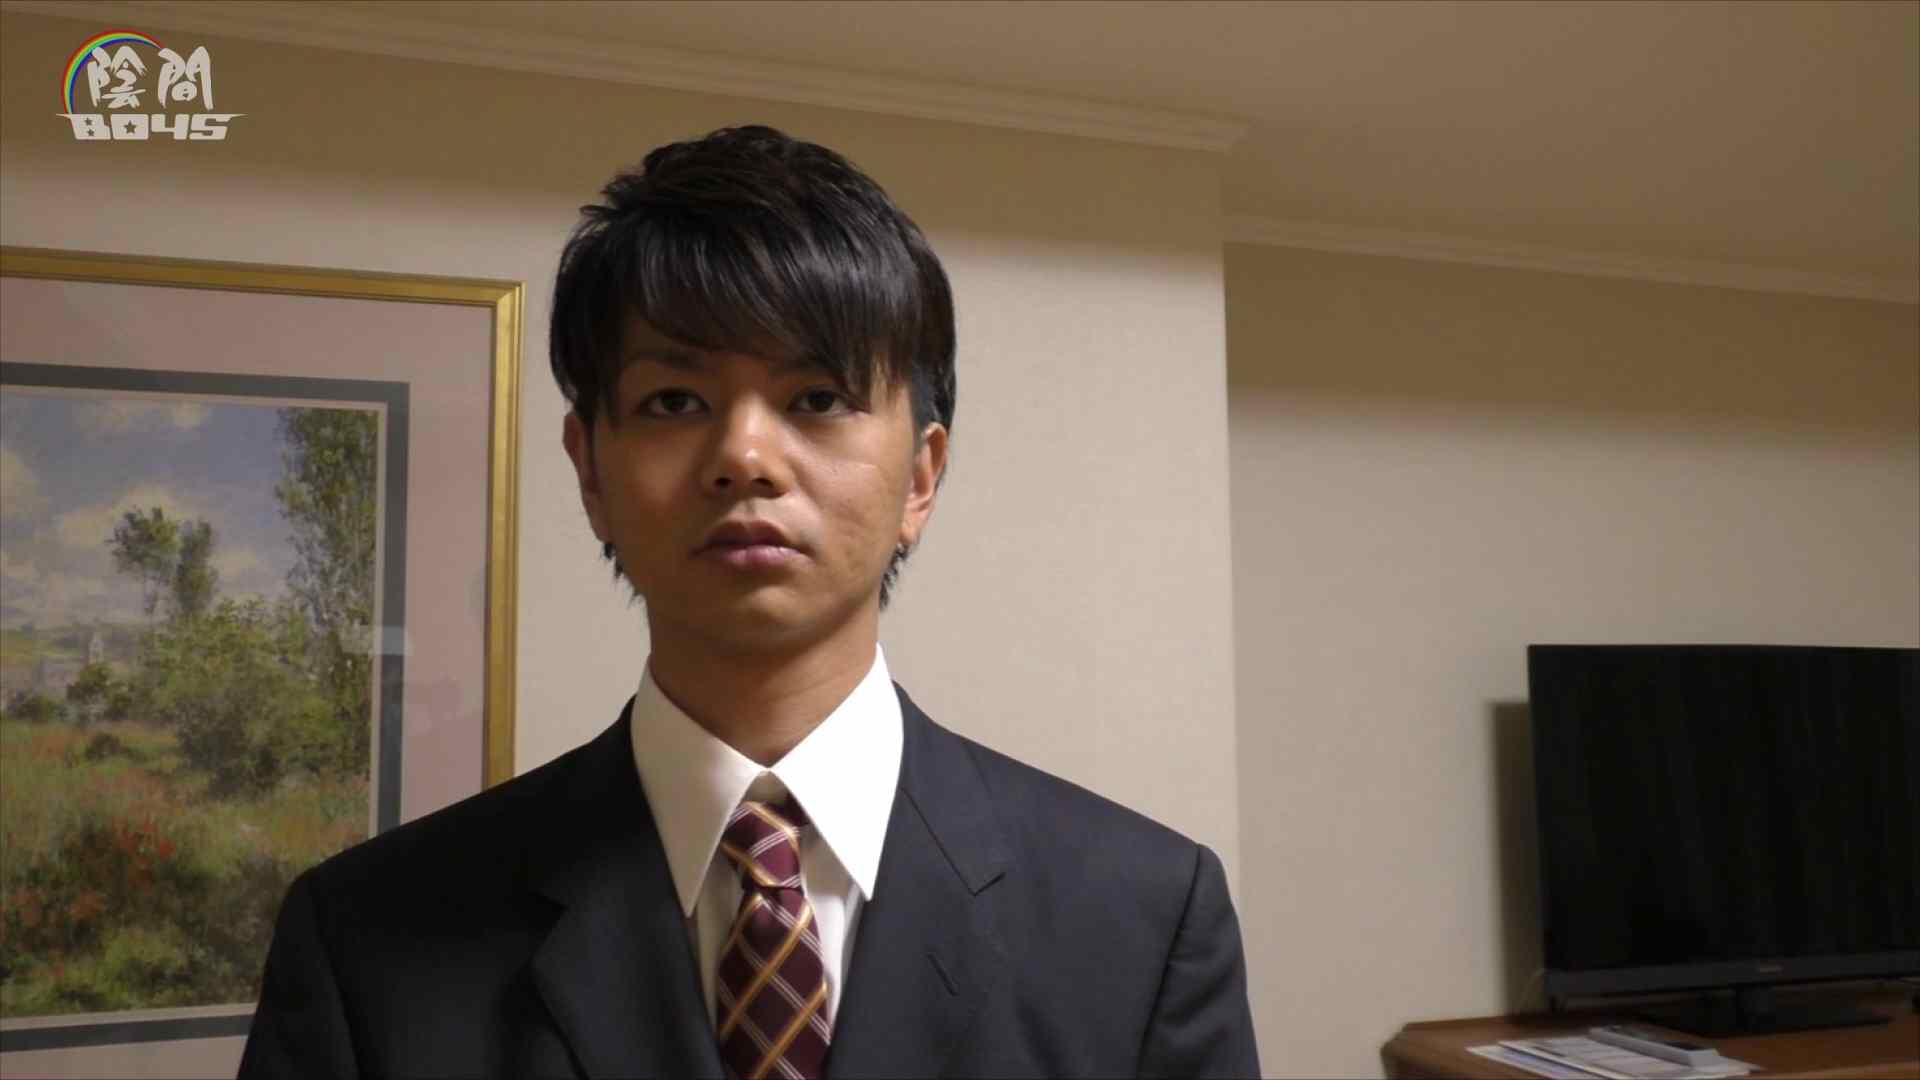 陰間BOYS~キャバクラの仕事はアナルから4 Vol.01 エッチ ゲイエロ動画 108pic 26